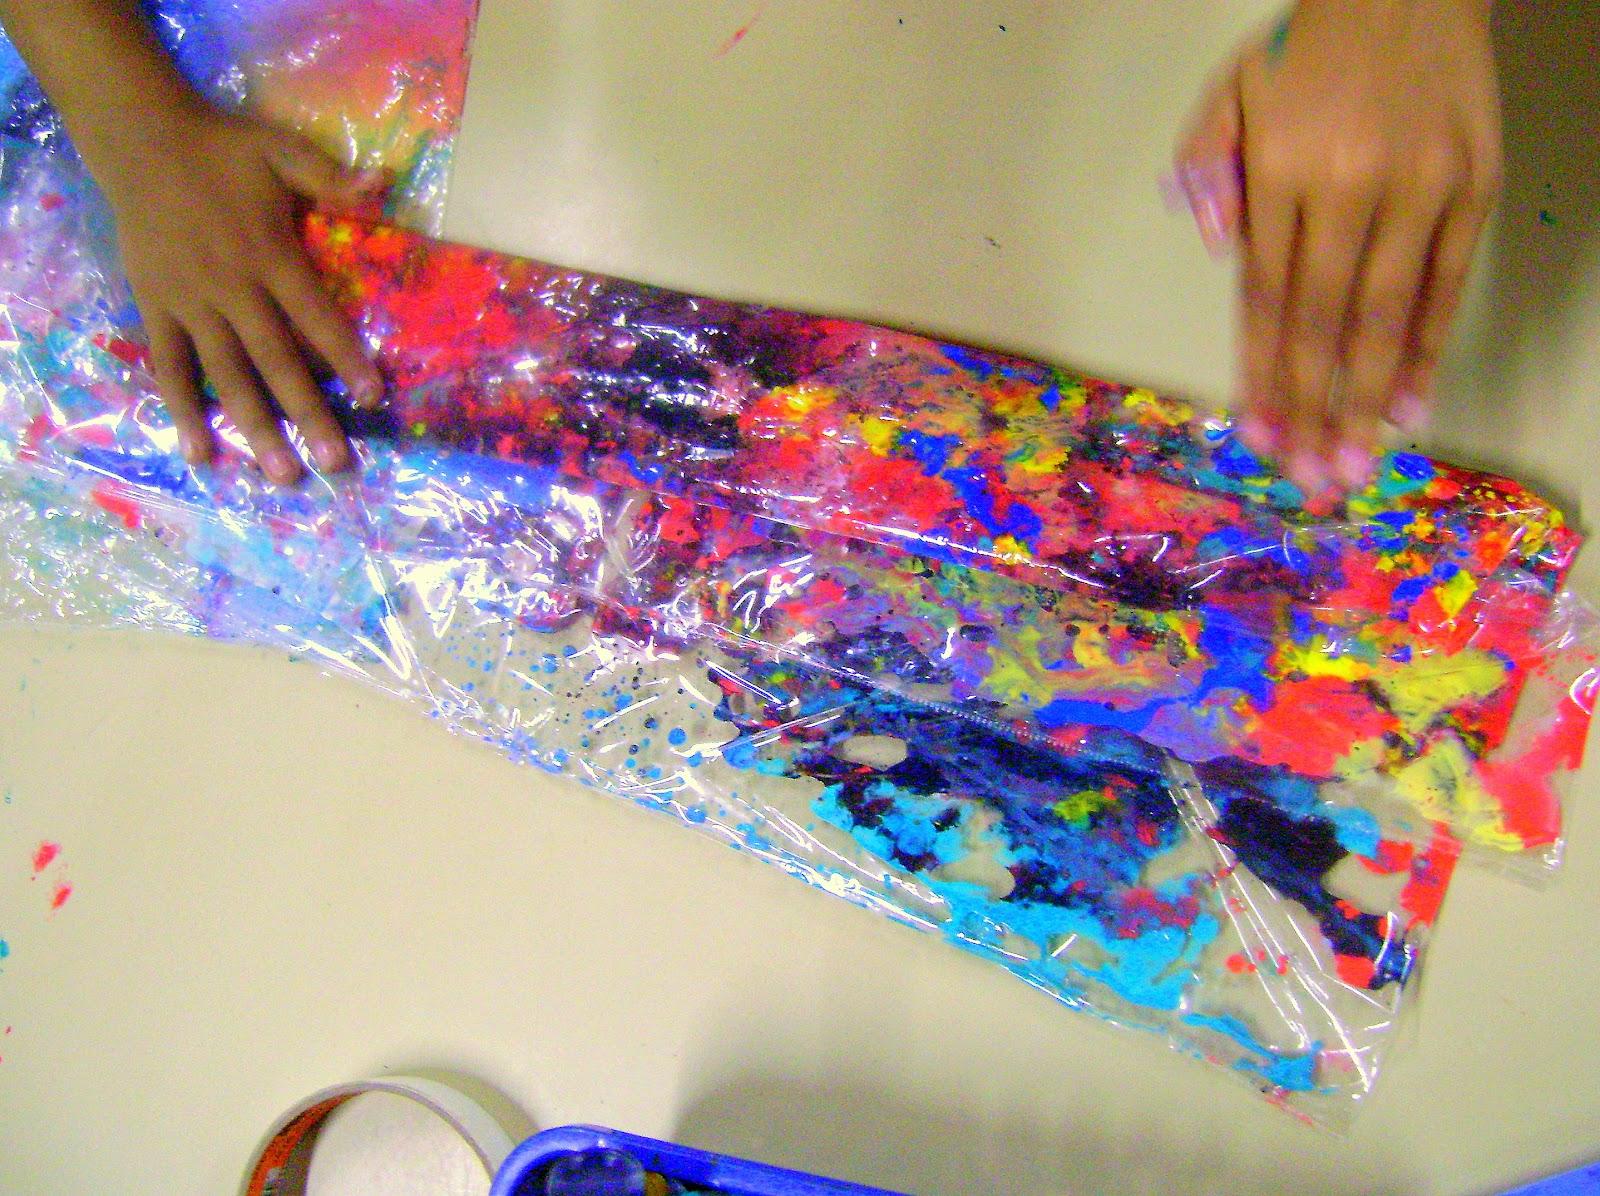 Galeria infantil pintura no saco pl stico - Pintura para plastico ...